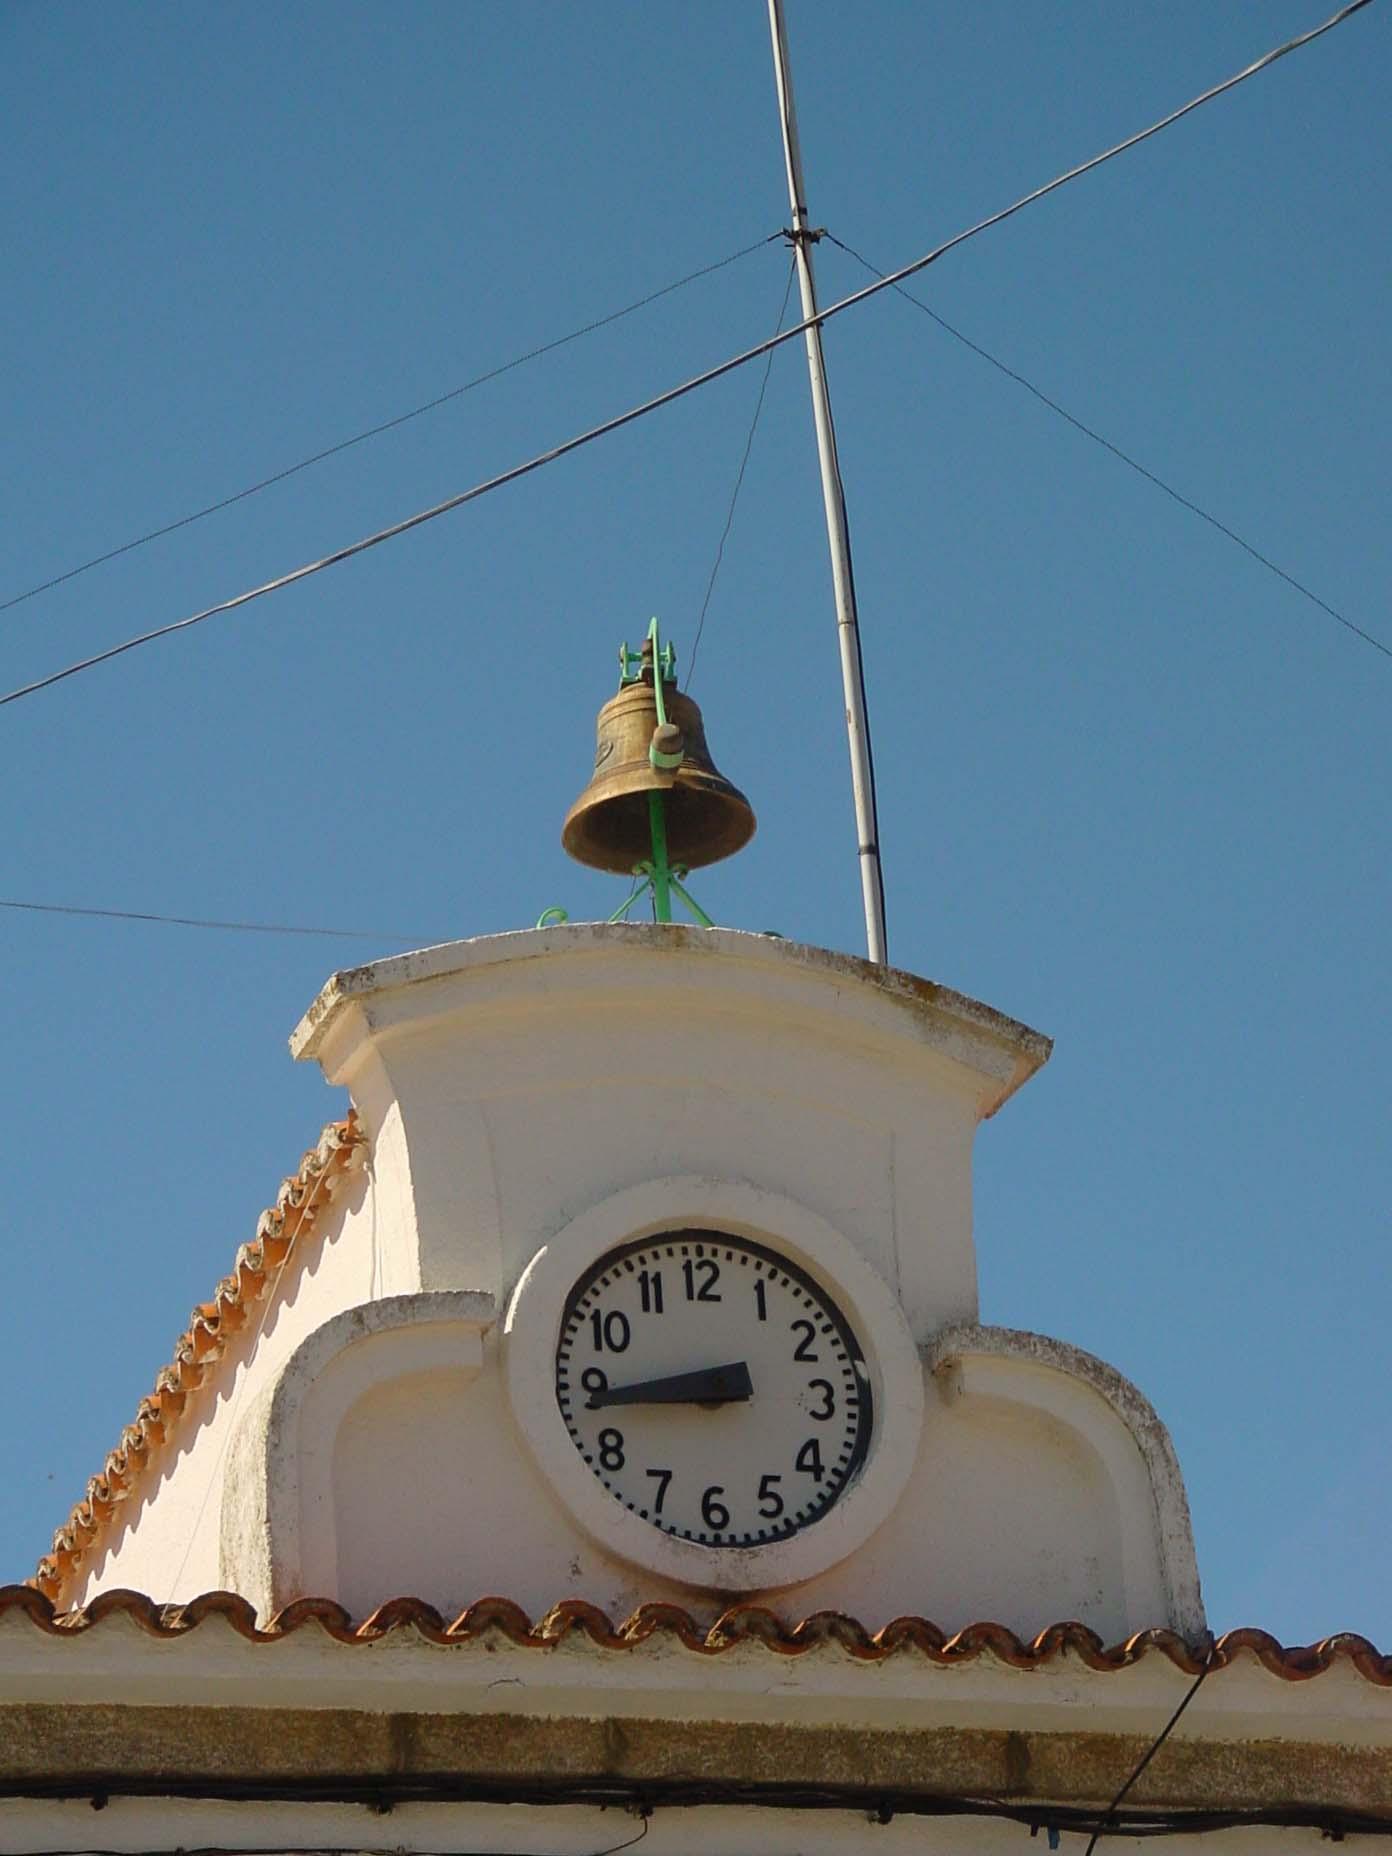 Torre con reloj en Valdemaqueda